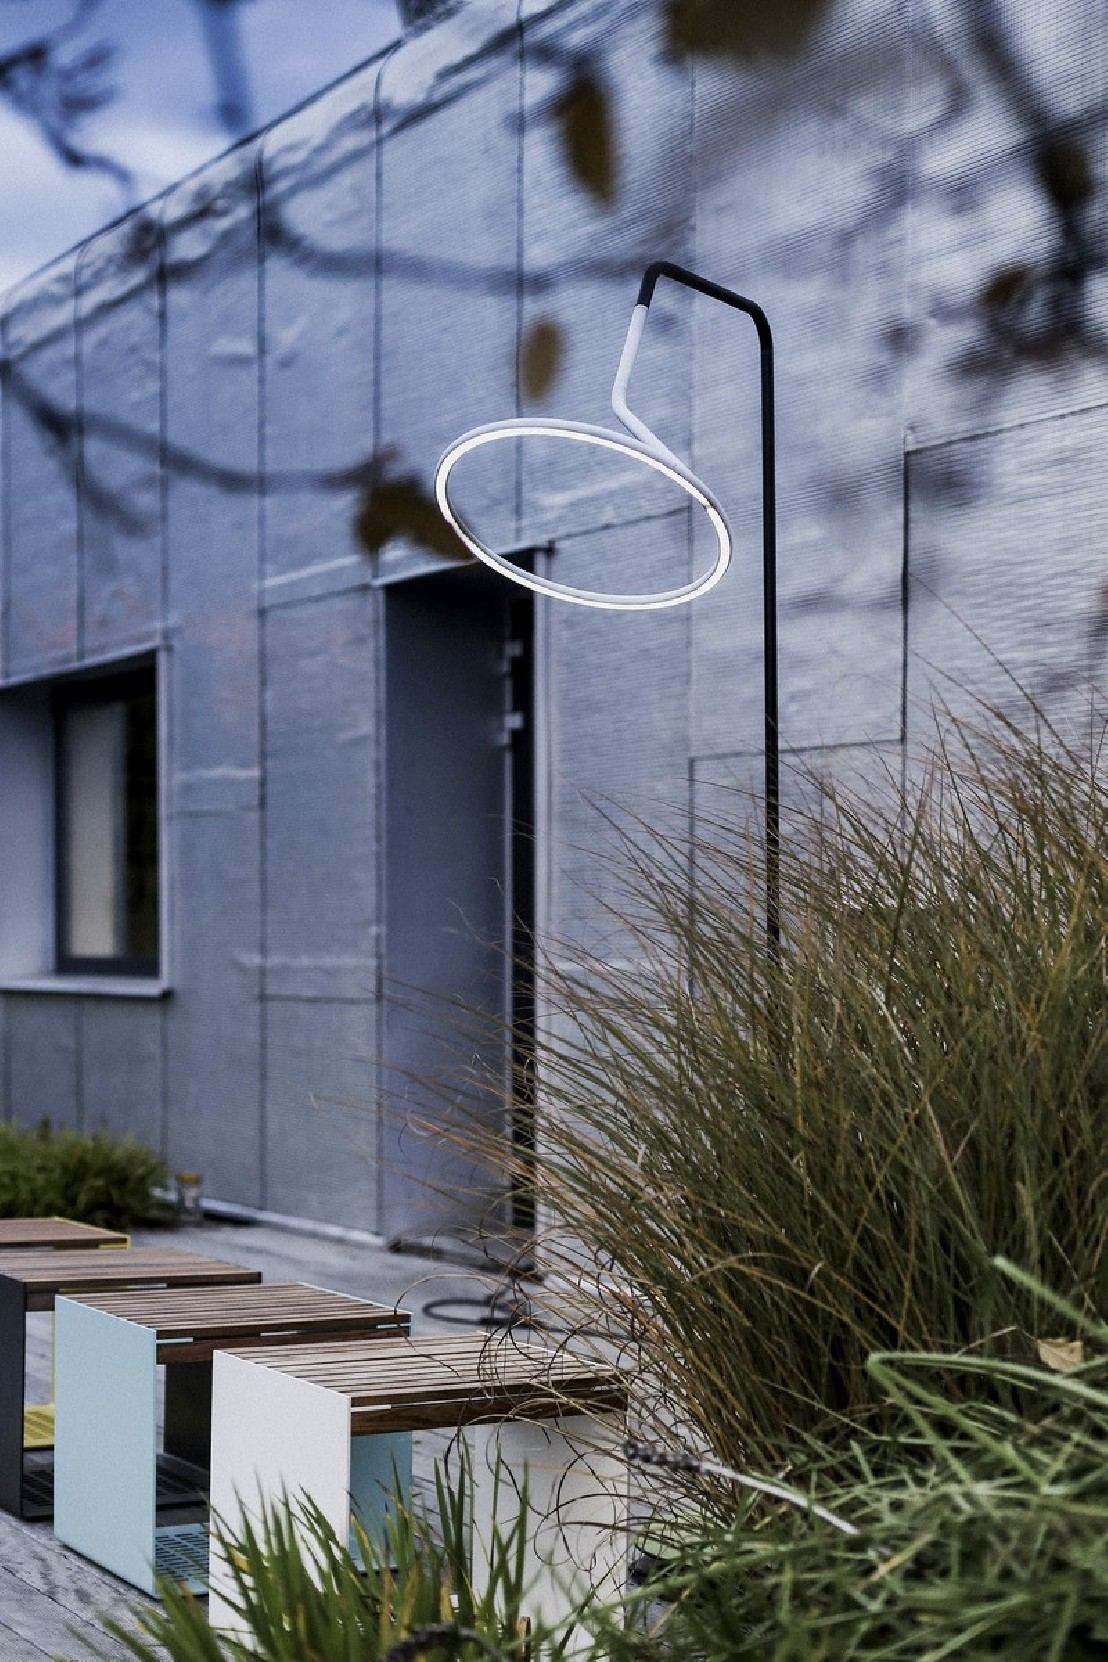 lampadaire design courb led laso pour clairage ext rieur. Black Bedroom Furniture Sets. Home Design Ideas